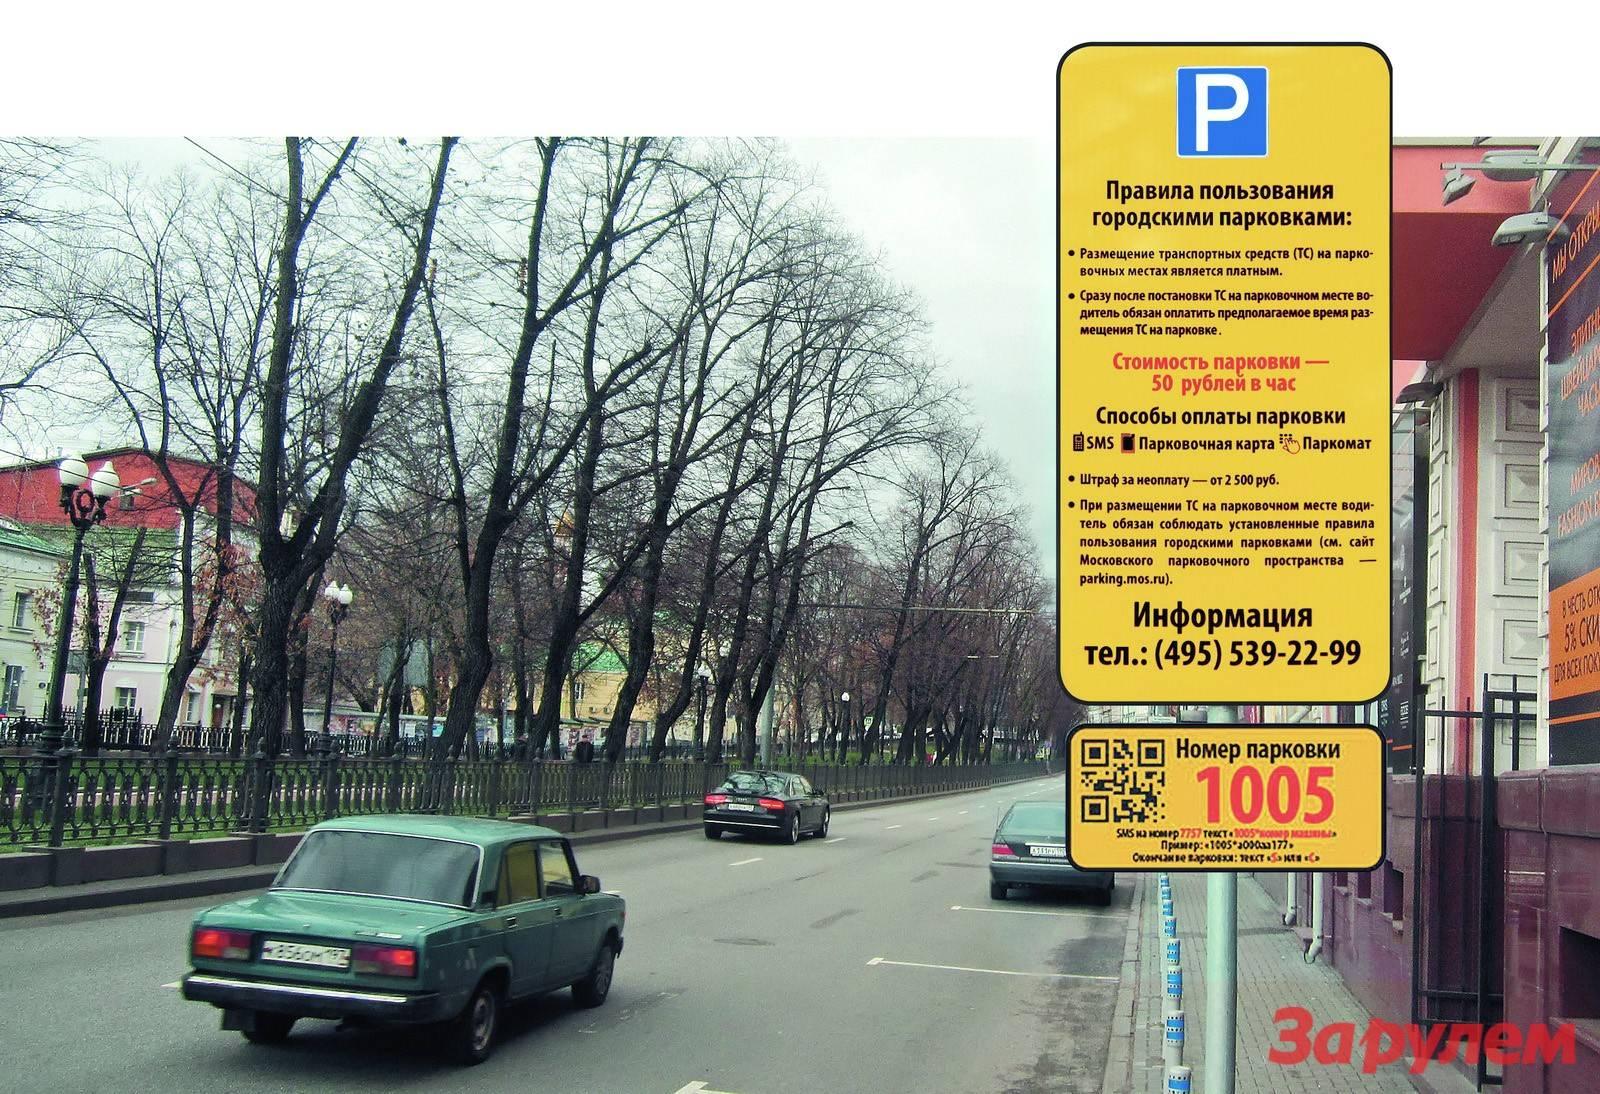 Парковка во дворах с 1 января 2021 года